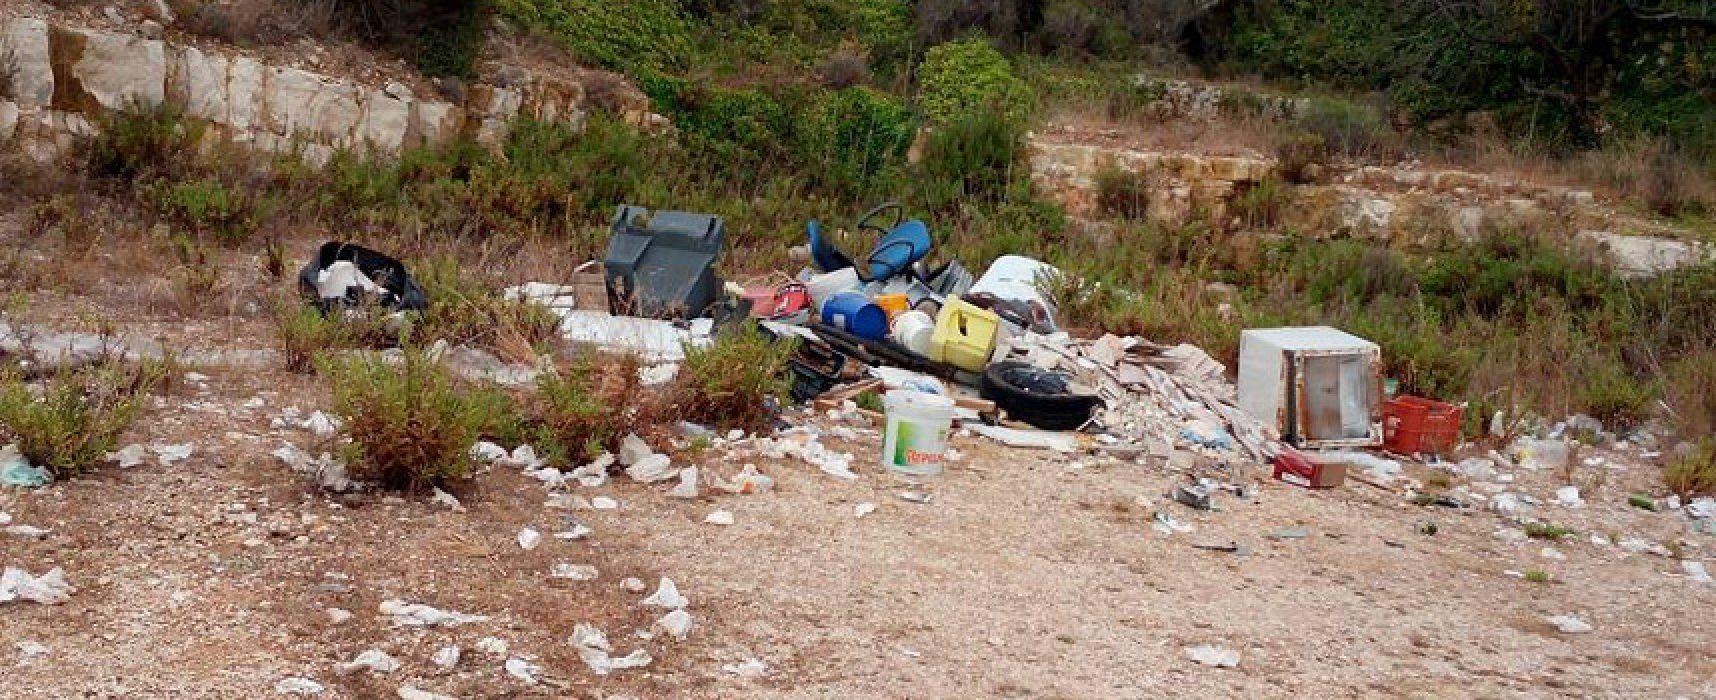 Federazione Pro Natura denuncia degrado costa di Levante / FOTO